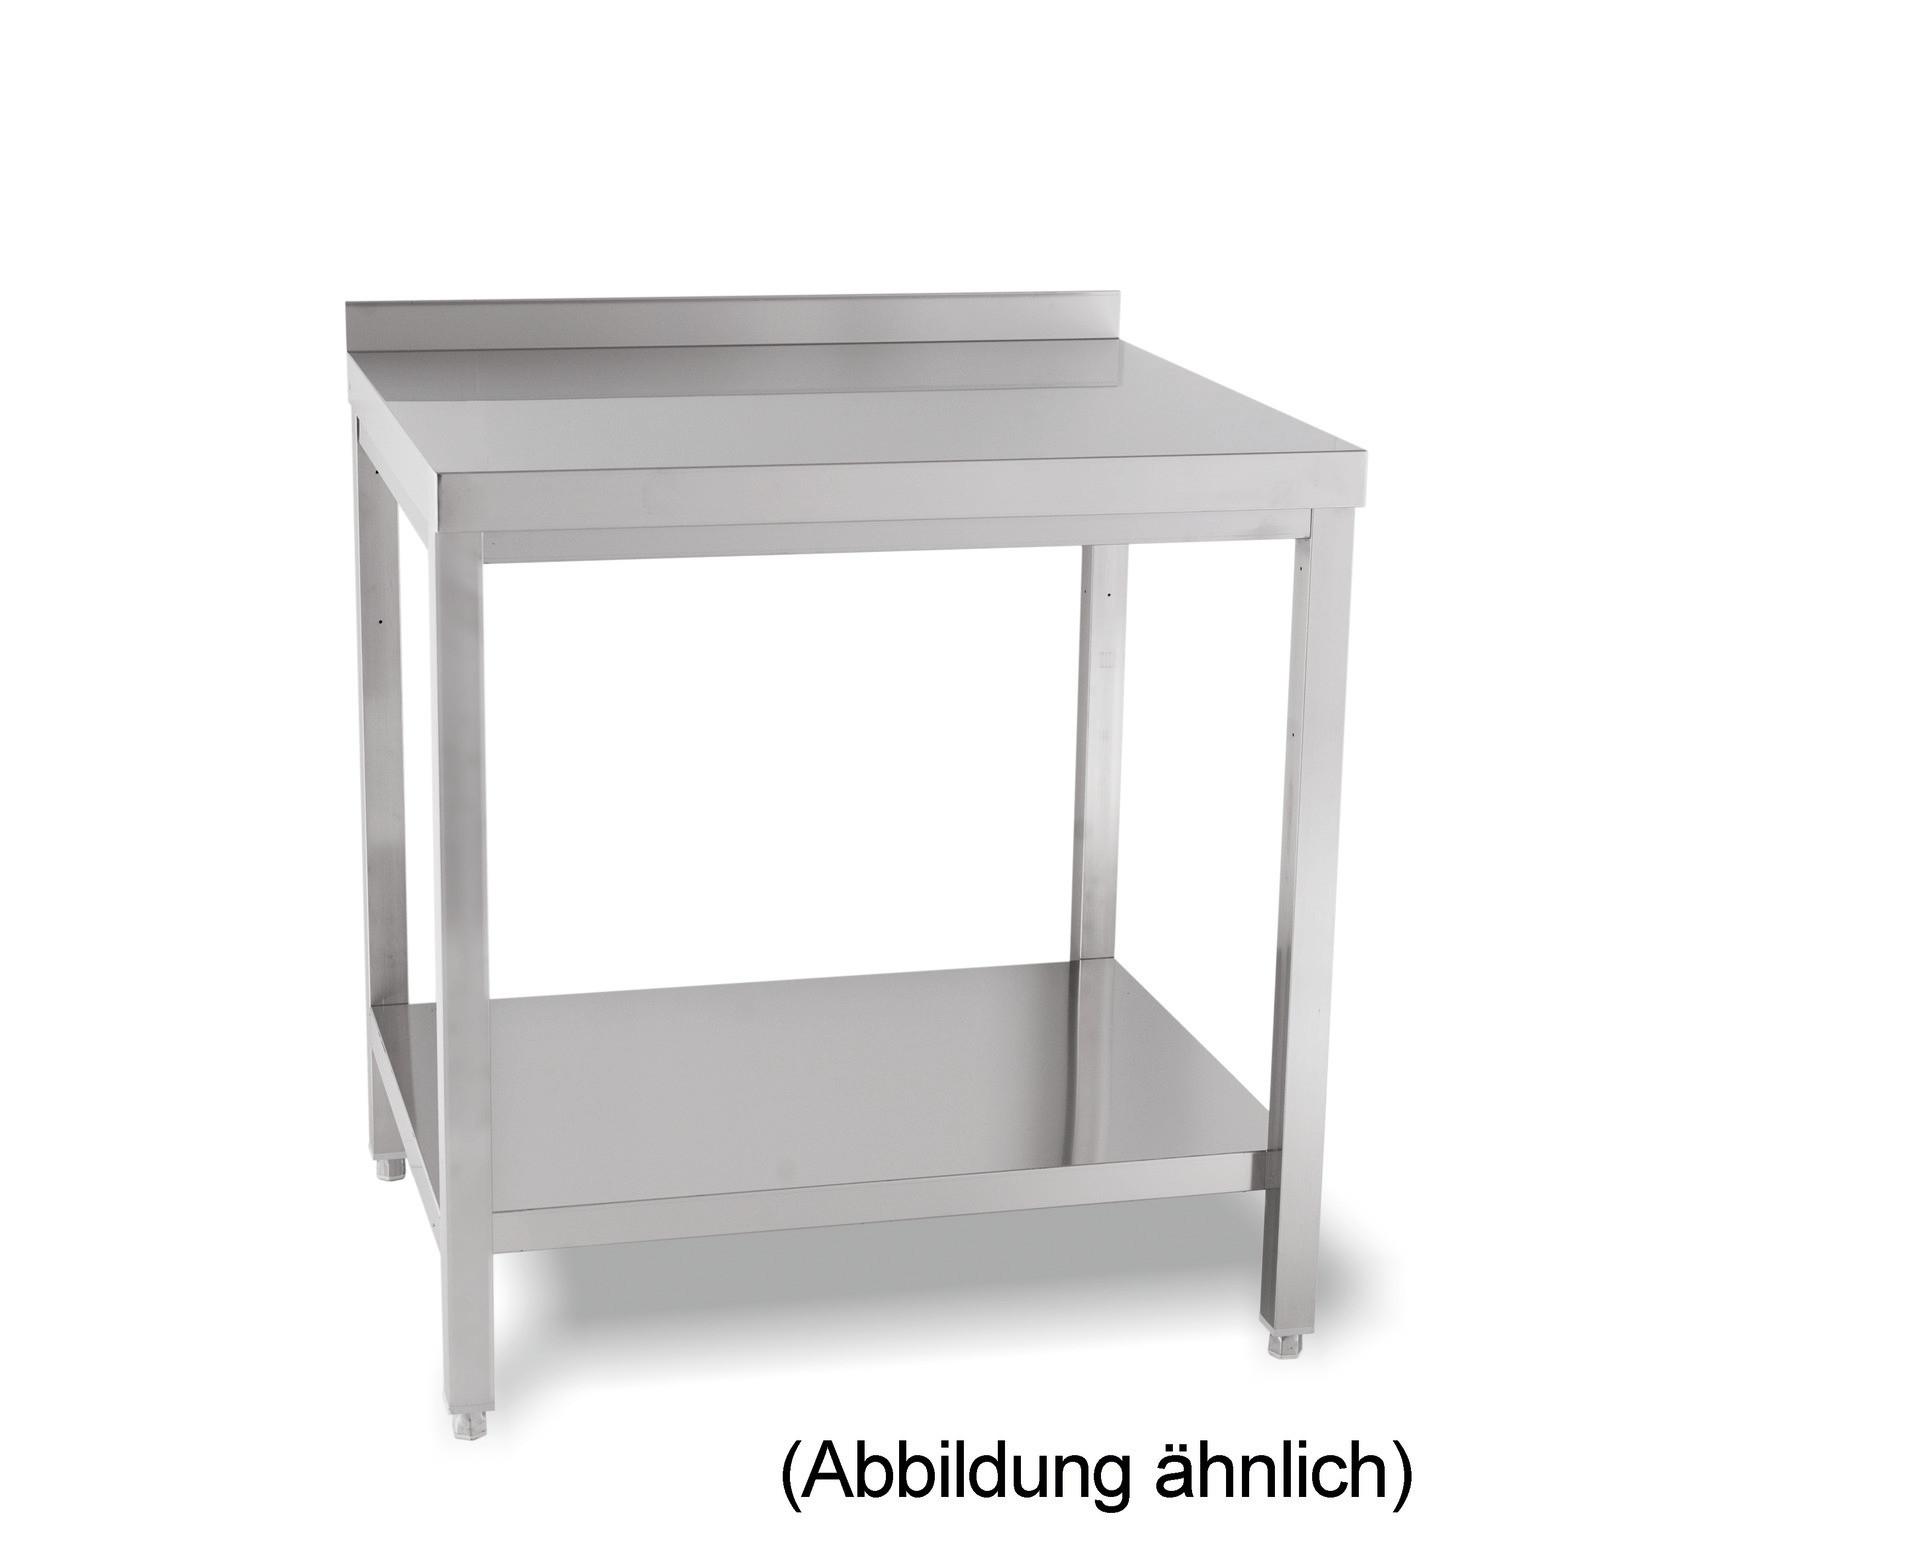 Arbeitstisch verschweißt mit Ablageboden mit 50 mm Aufkantung 1800 x 600 x 850 mm